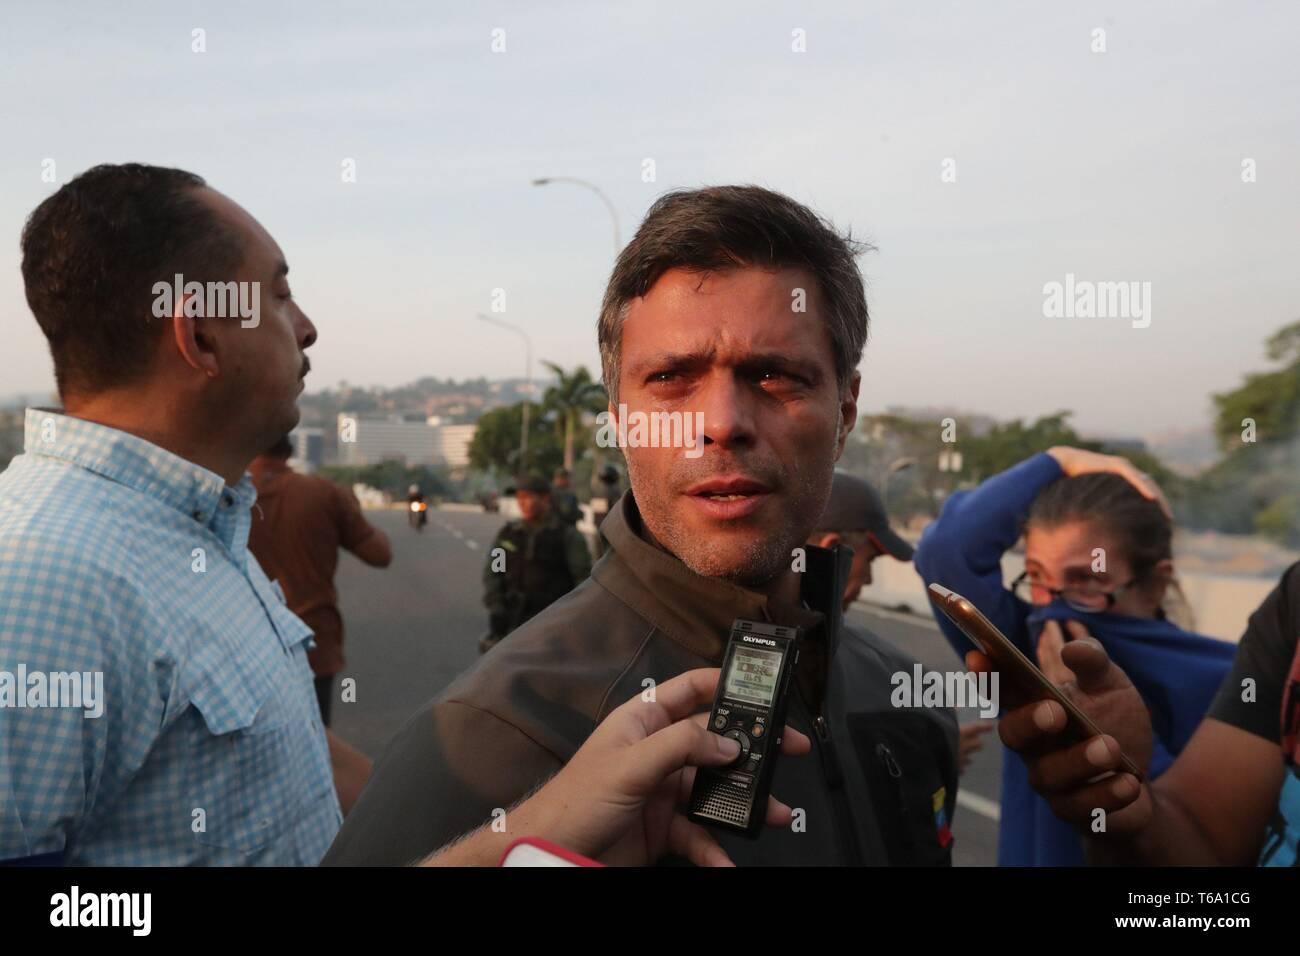 Caracas, Venezuela. 30 apr, 2019. Oppositore venezuelano Leopoldo Lopez (C) parla di media dopo essere stato liberato dalla sua casa a Caracas, Venezuela, 30 aprile 2019. Lopez, che era agli arresti domiciliari, è stata rilasciata la mattina presto il 30 aprile da un movimento di opposizione. Credito: Rayneri Pena/EFE/Alamy Live News Immagini Stock